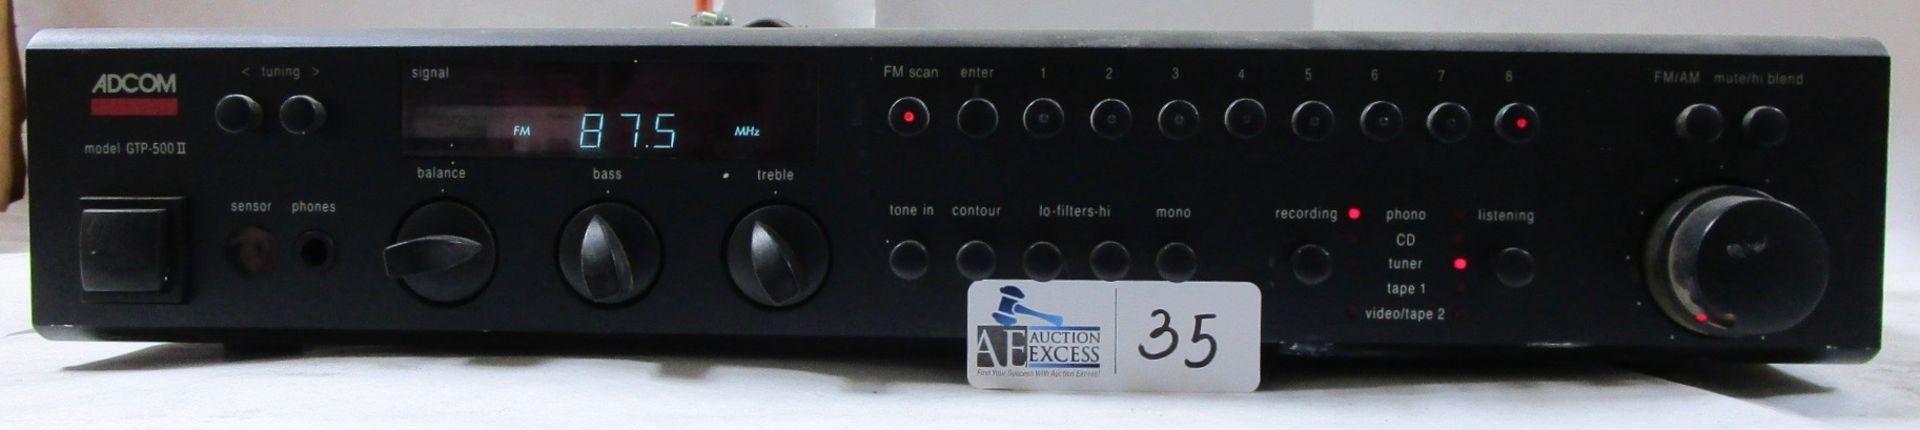 ADCOM GTP-500 II